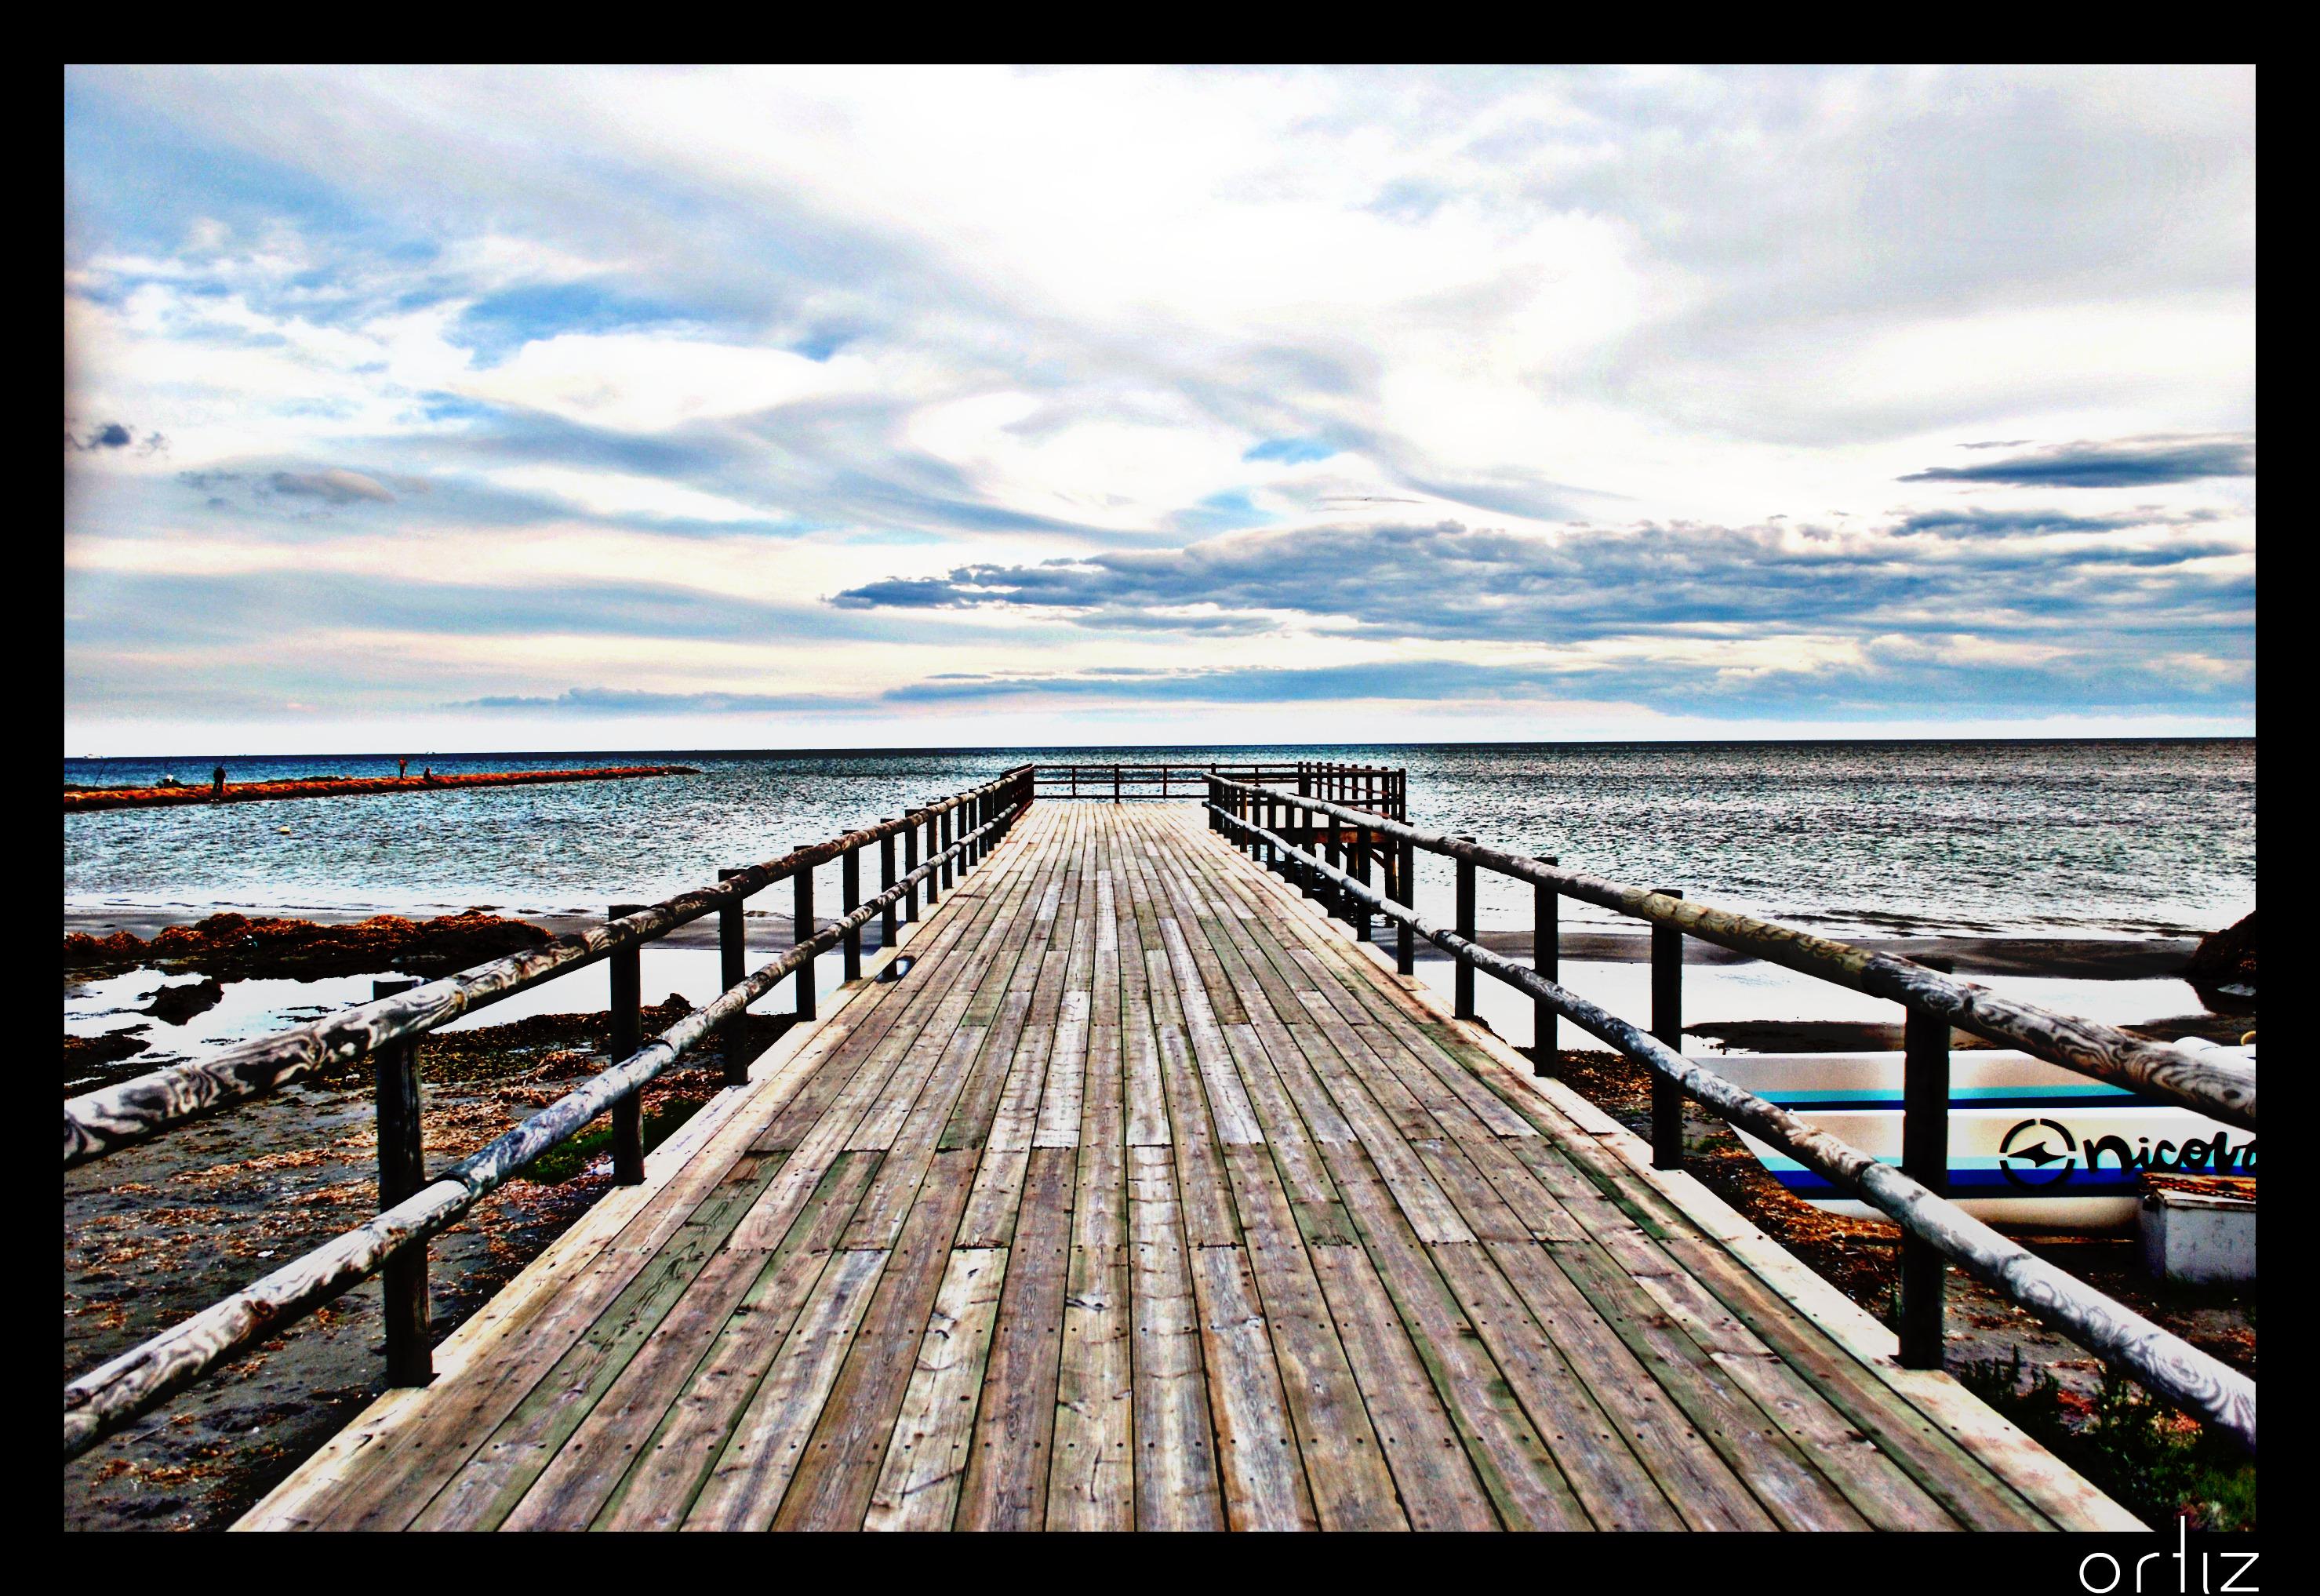 Playa Tamarit / Brac del Port